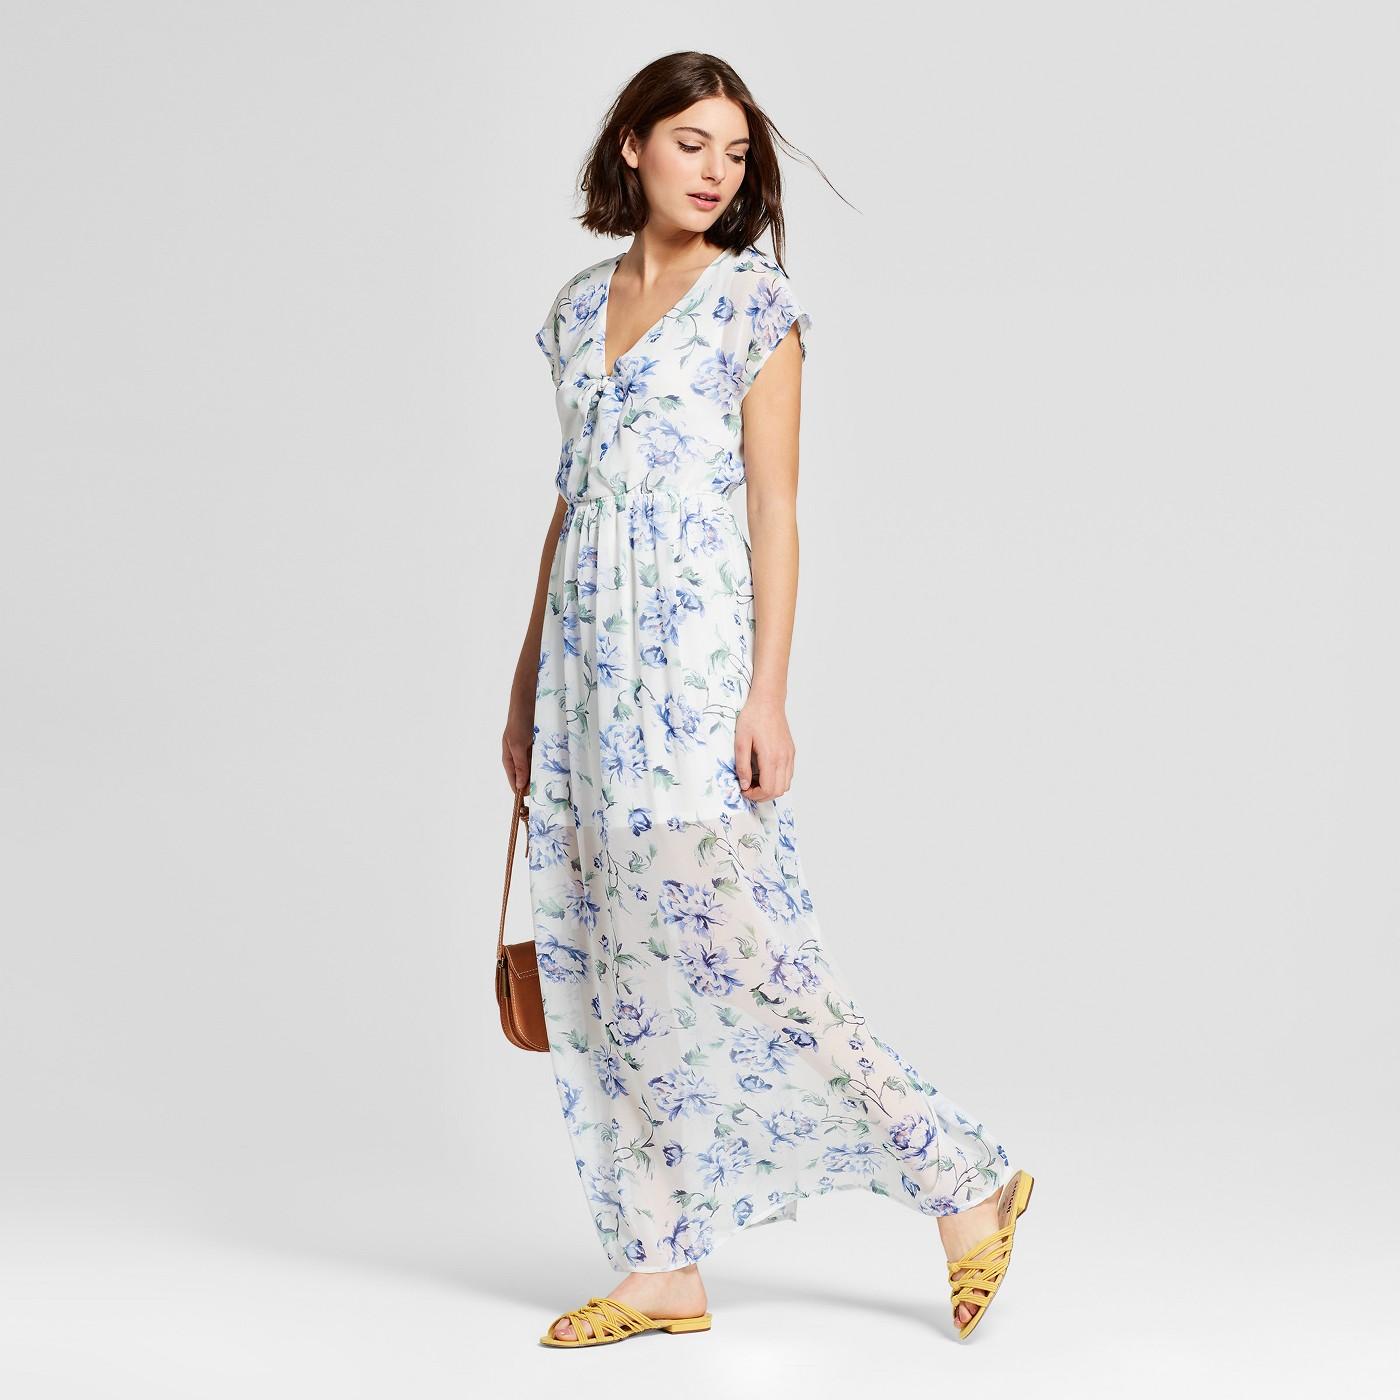 maxi dresses best under 35 summer target white floral sheer